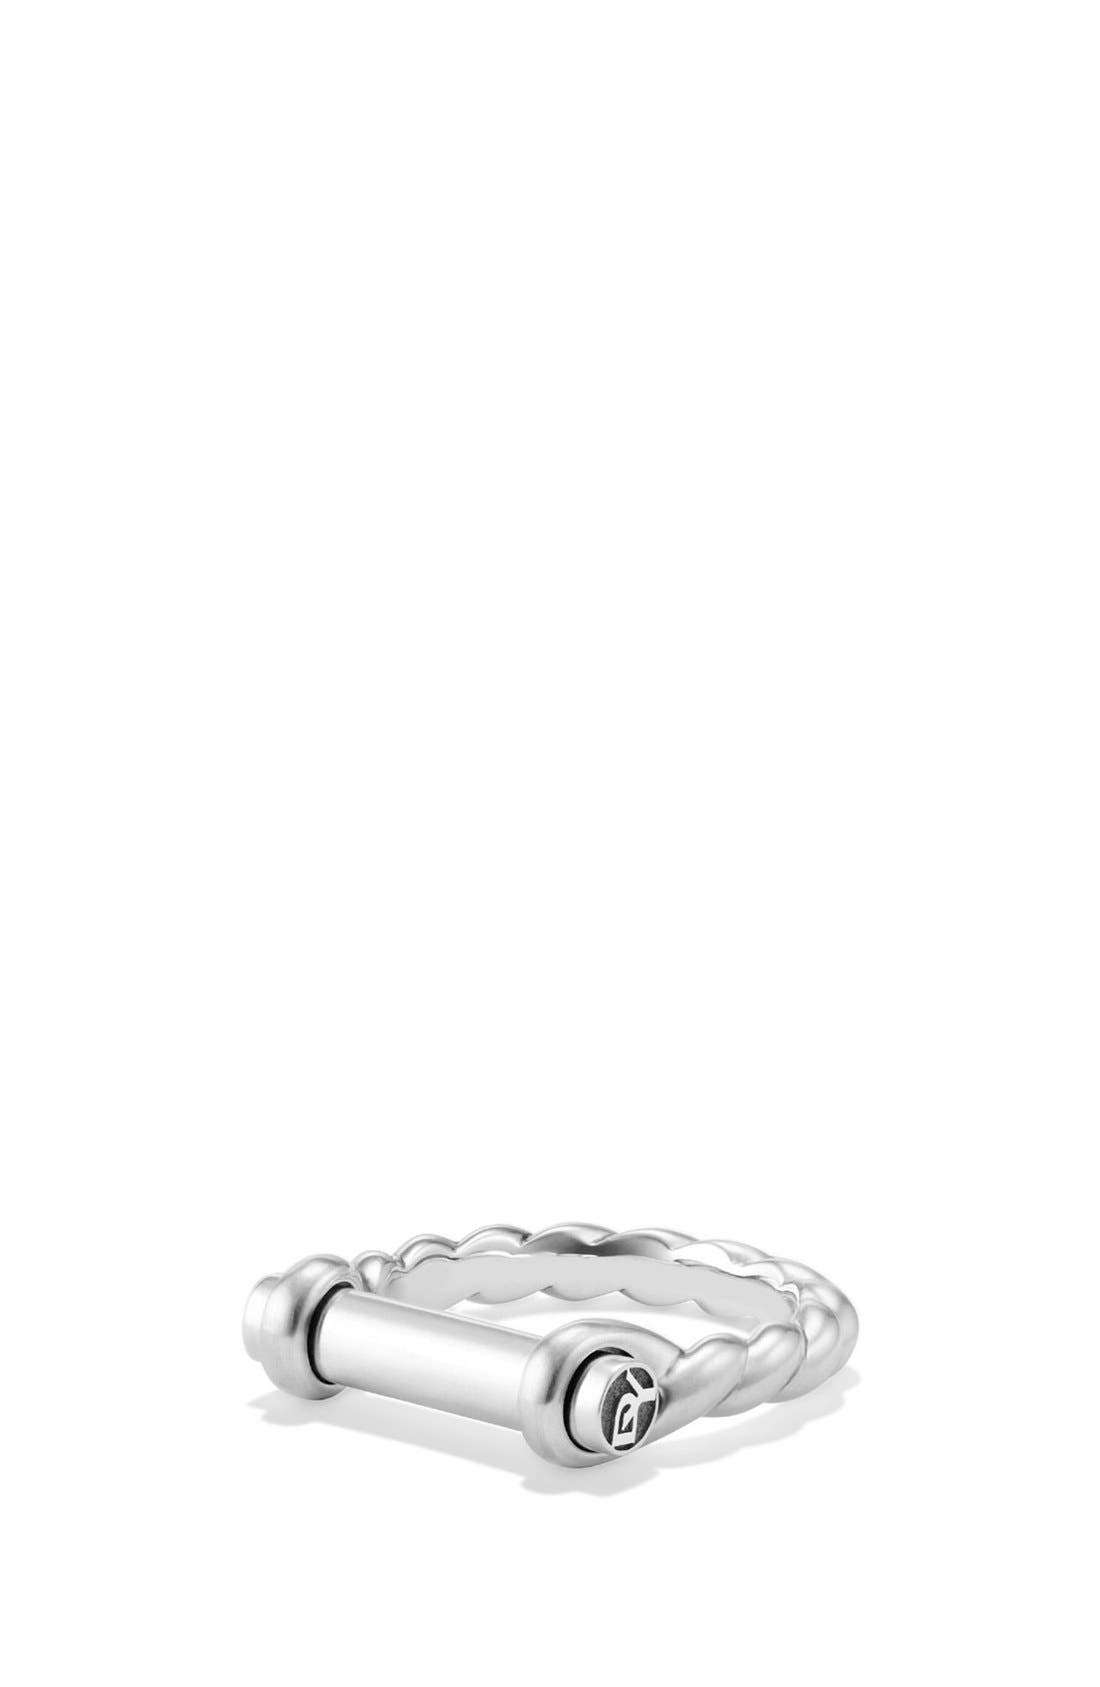 DAVID YURMAN 'Maritime' Shackle Ring